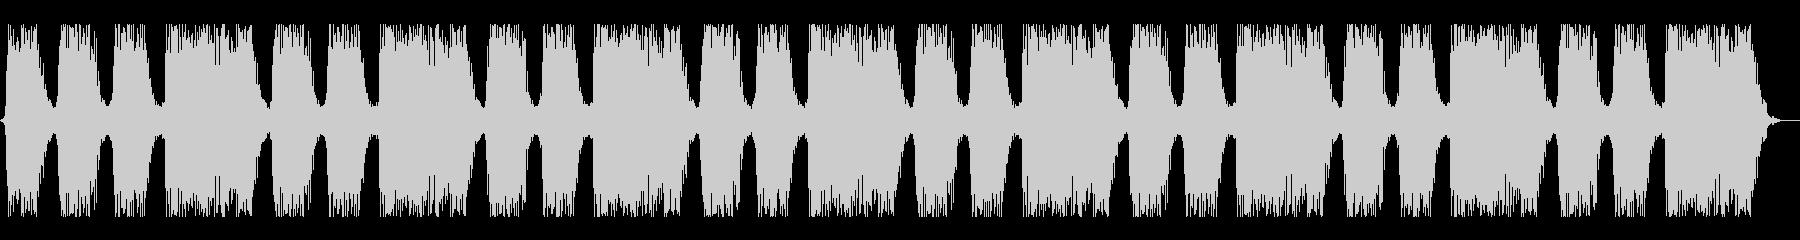 ハードコア風ショートサウンド#03の未再生の波形